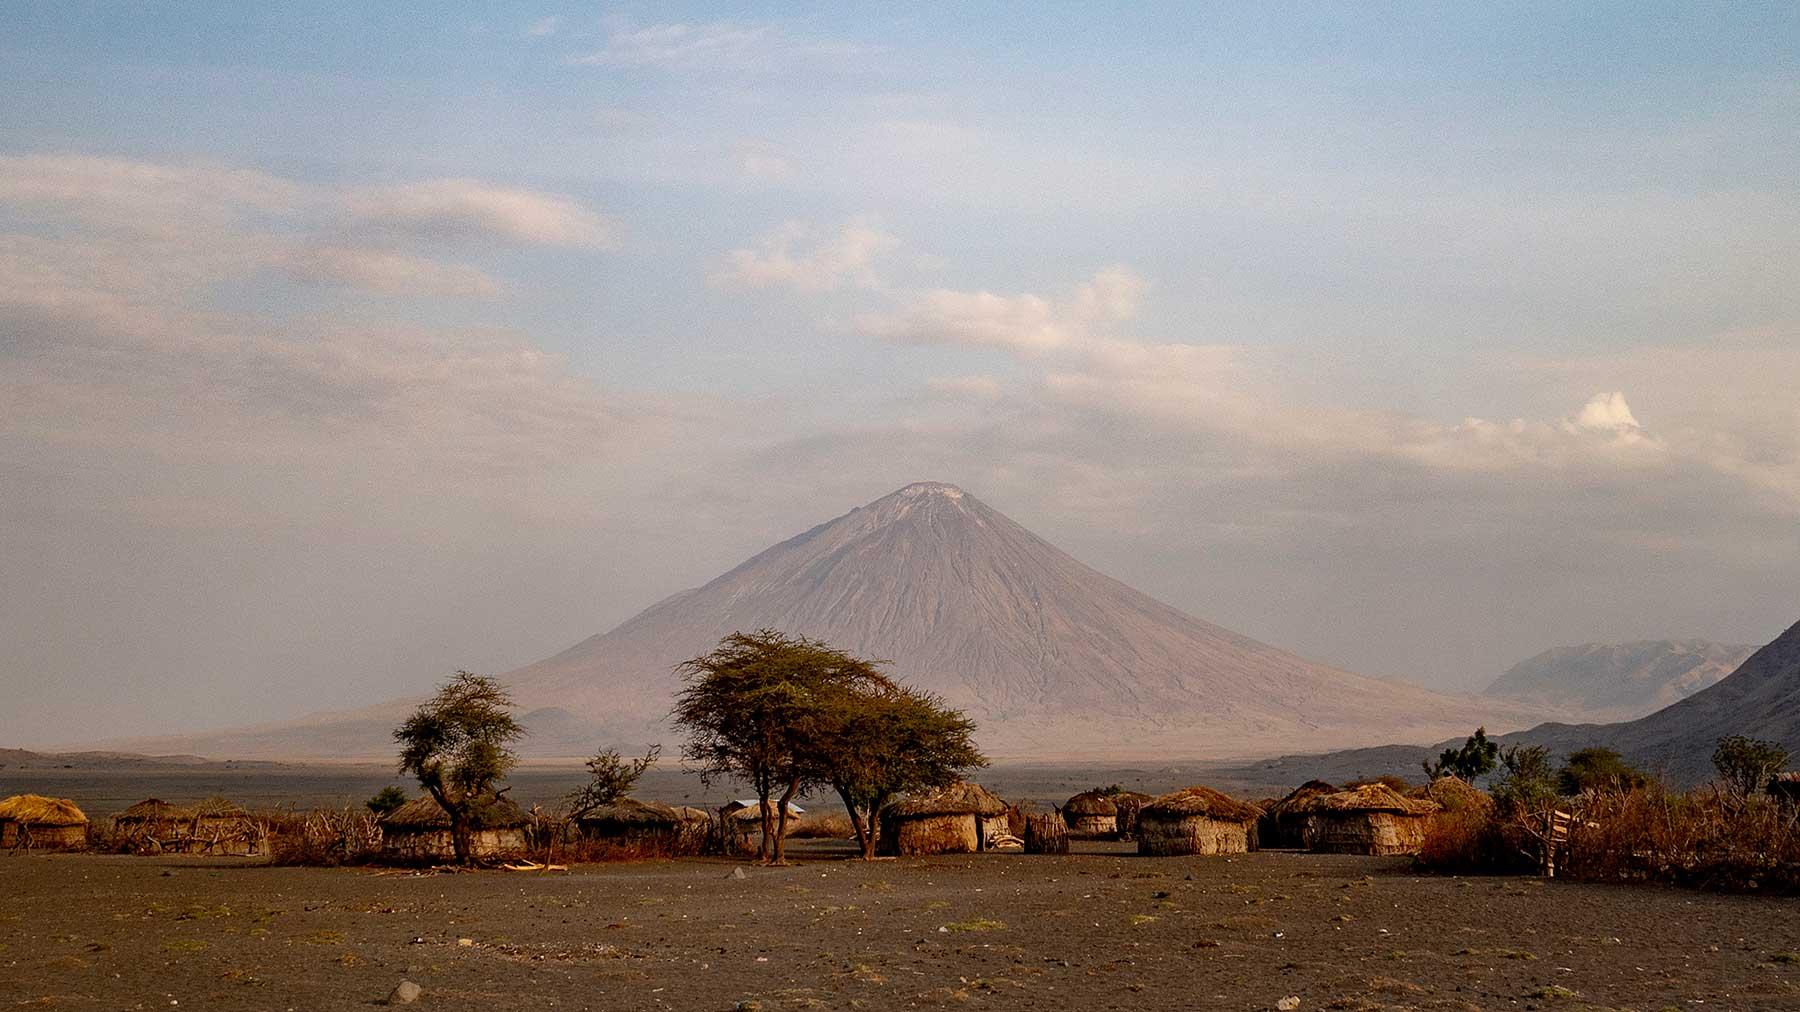 oldonyio lengai natron Tanzania